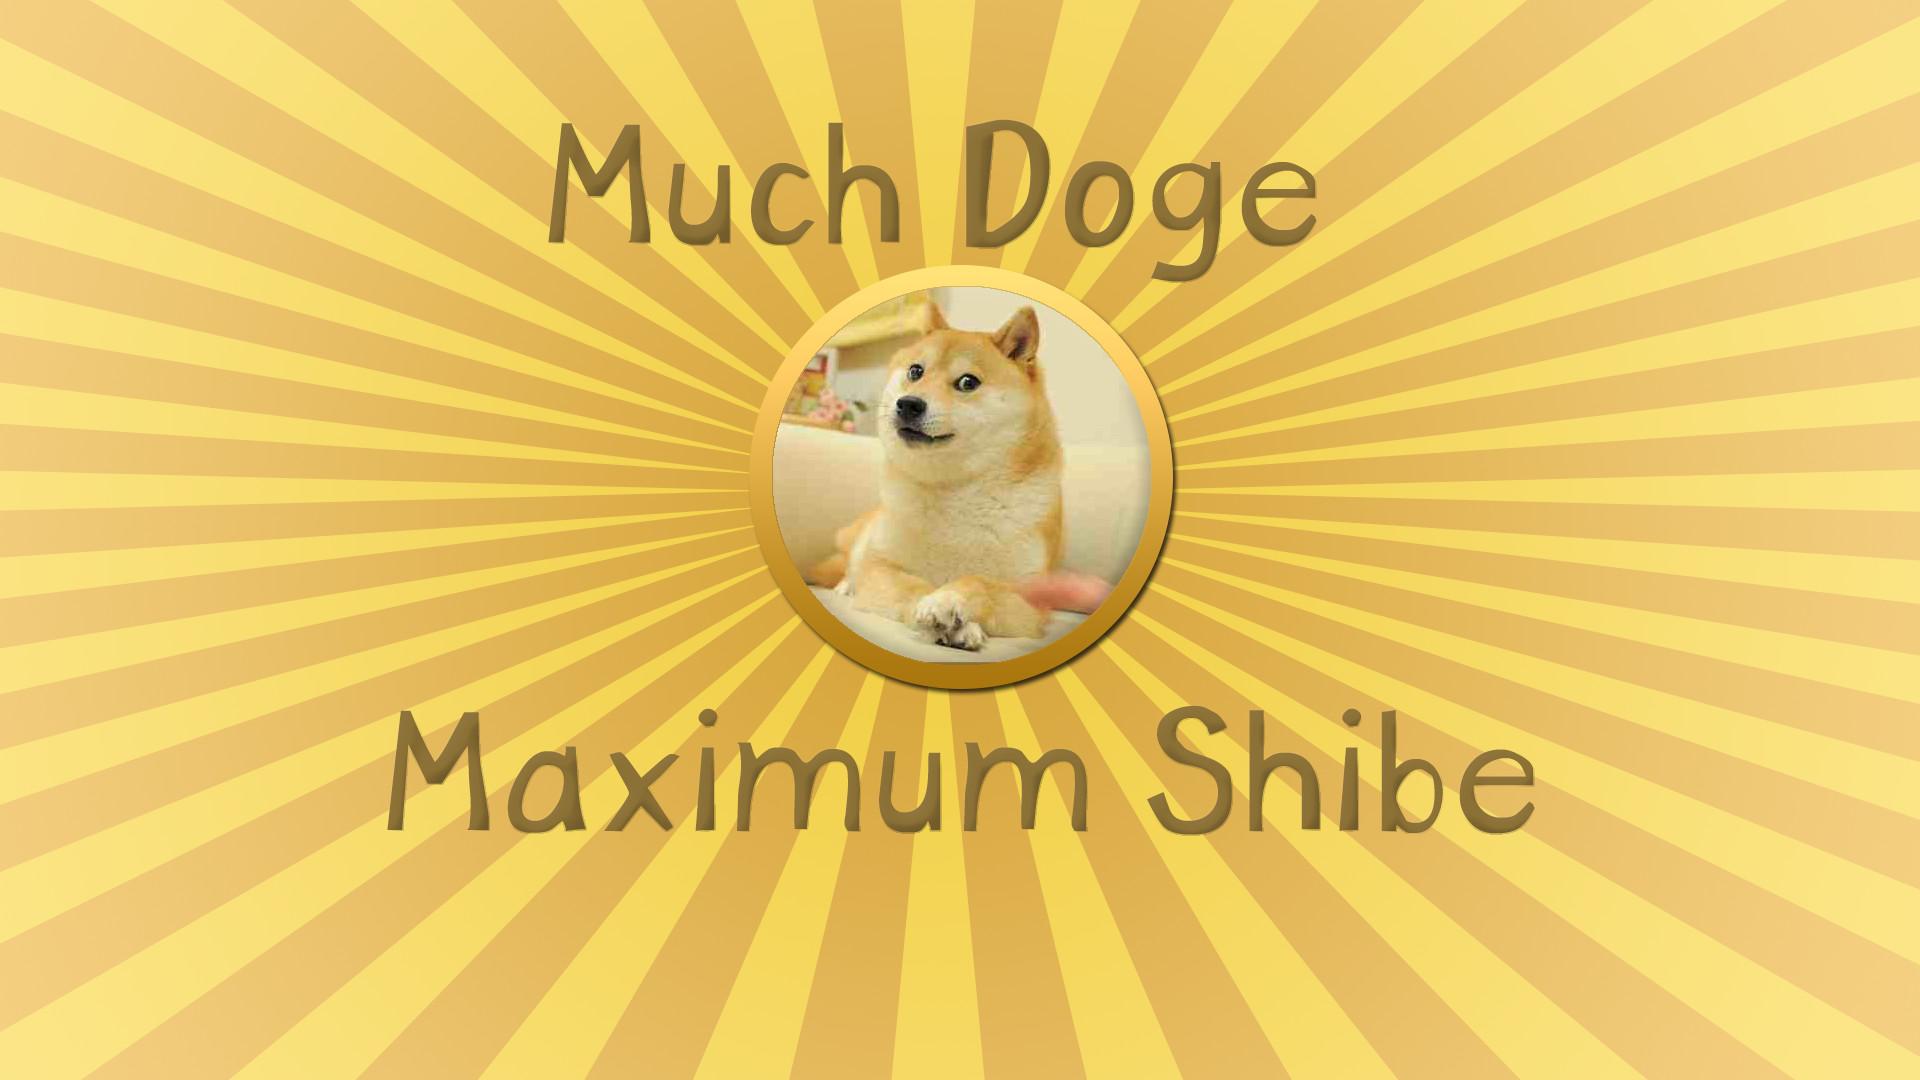 doge meme wallpaper 85 images